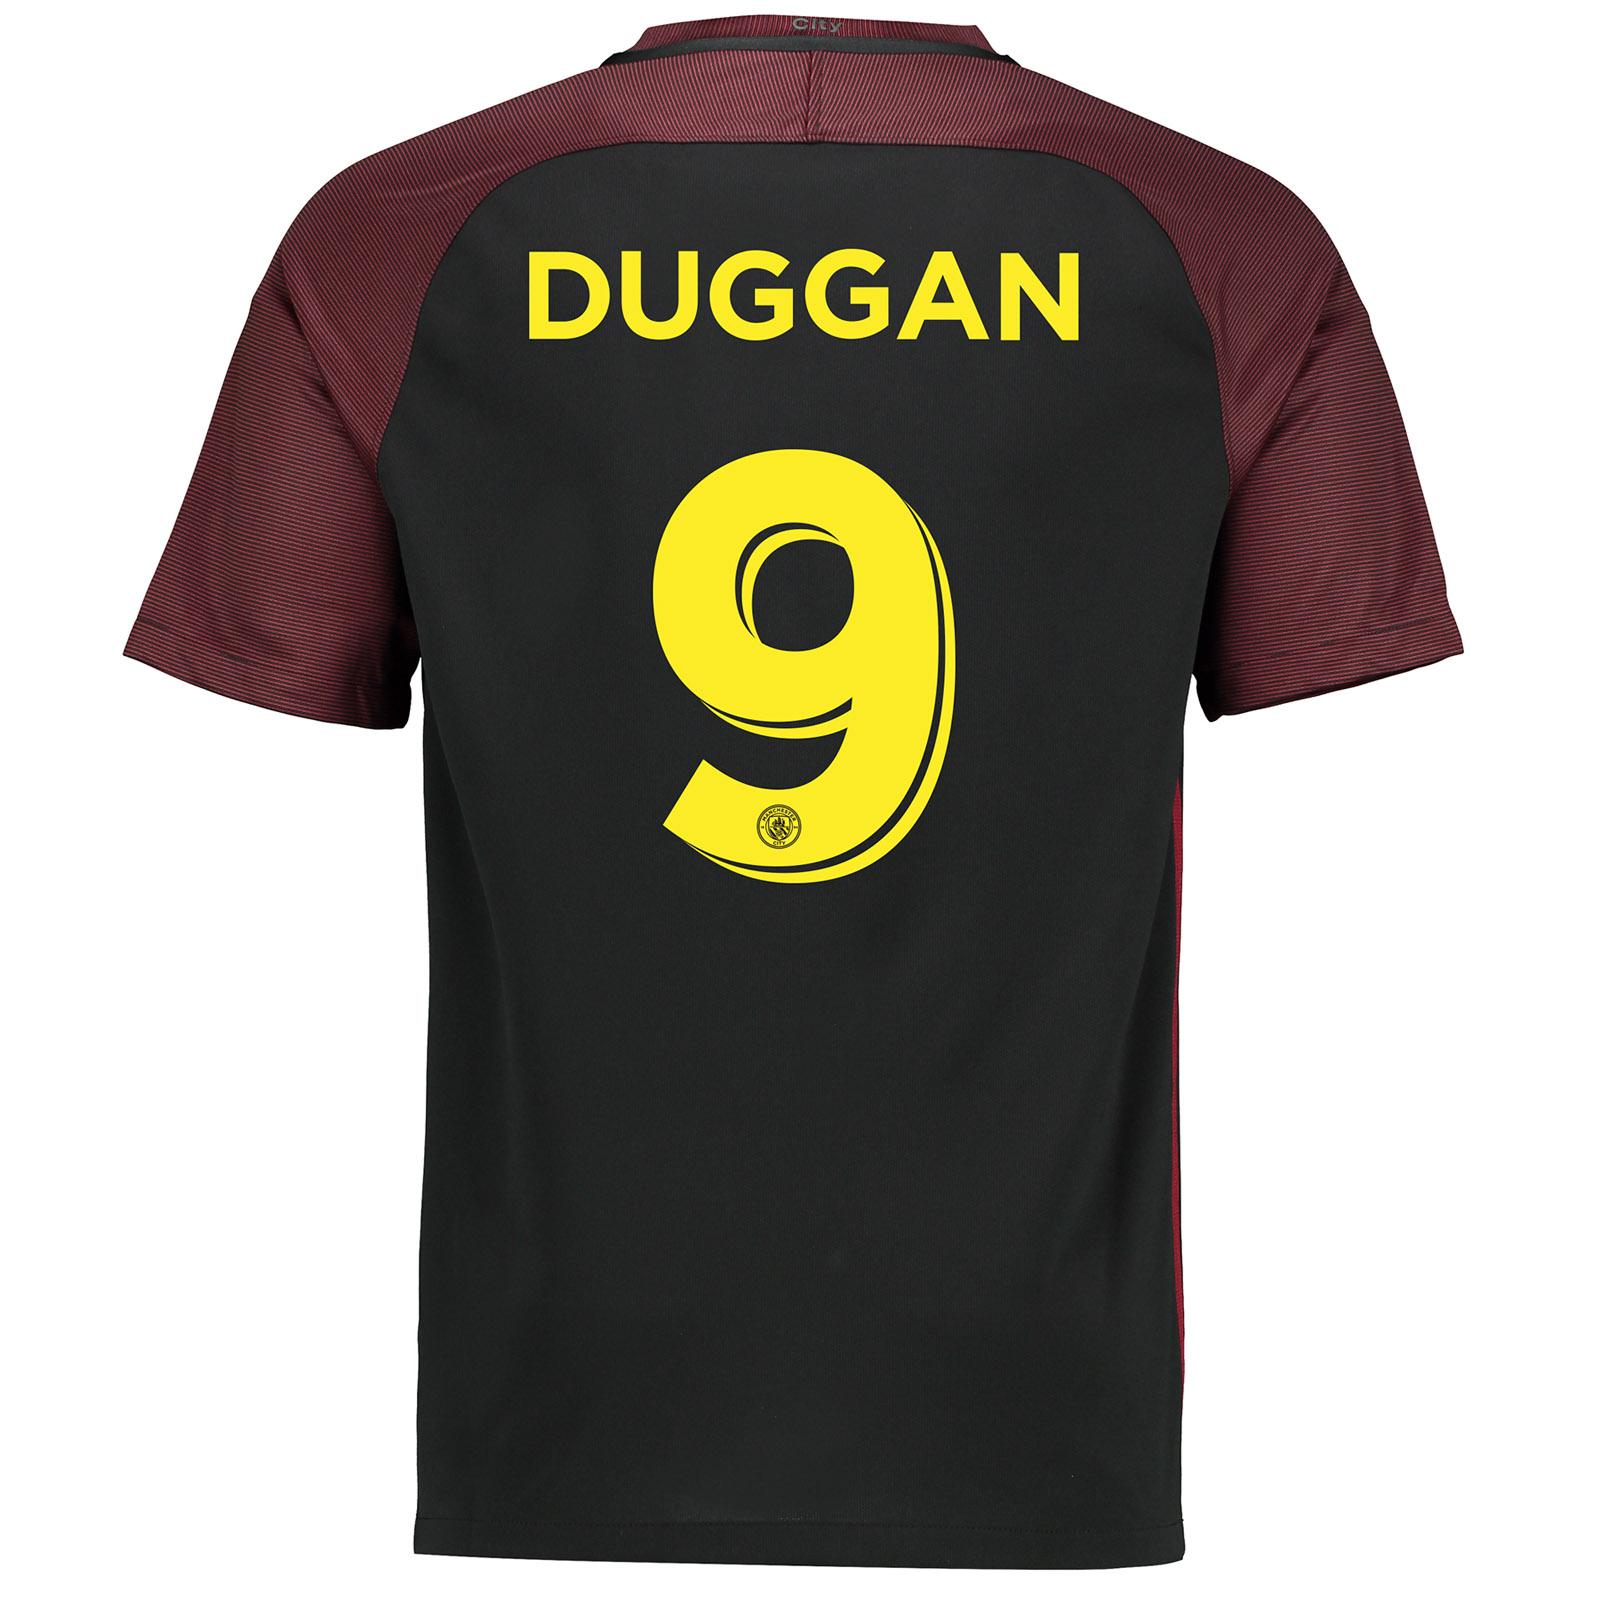 Manchester City Away Cup Stadium Shirt 2016-17 with Duggan 9 printing